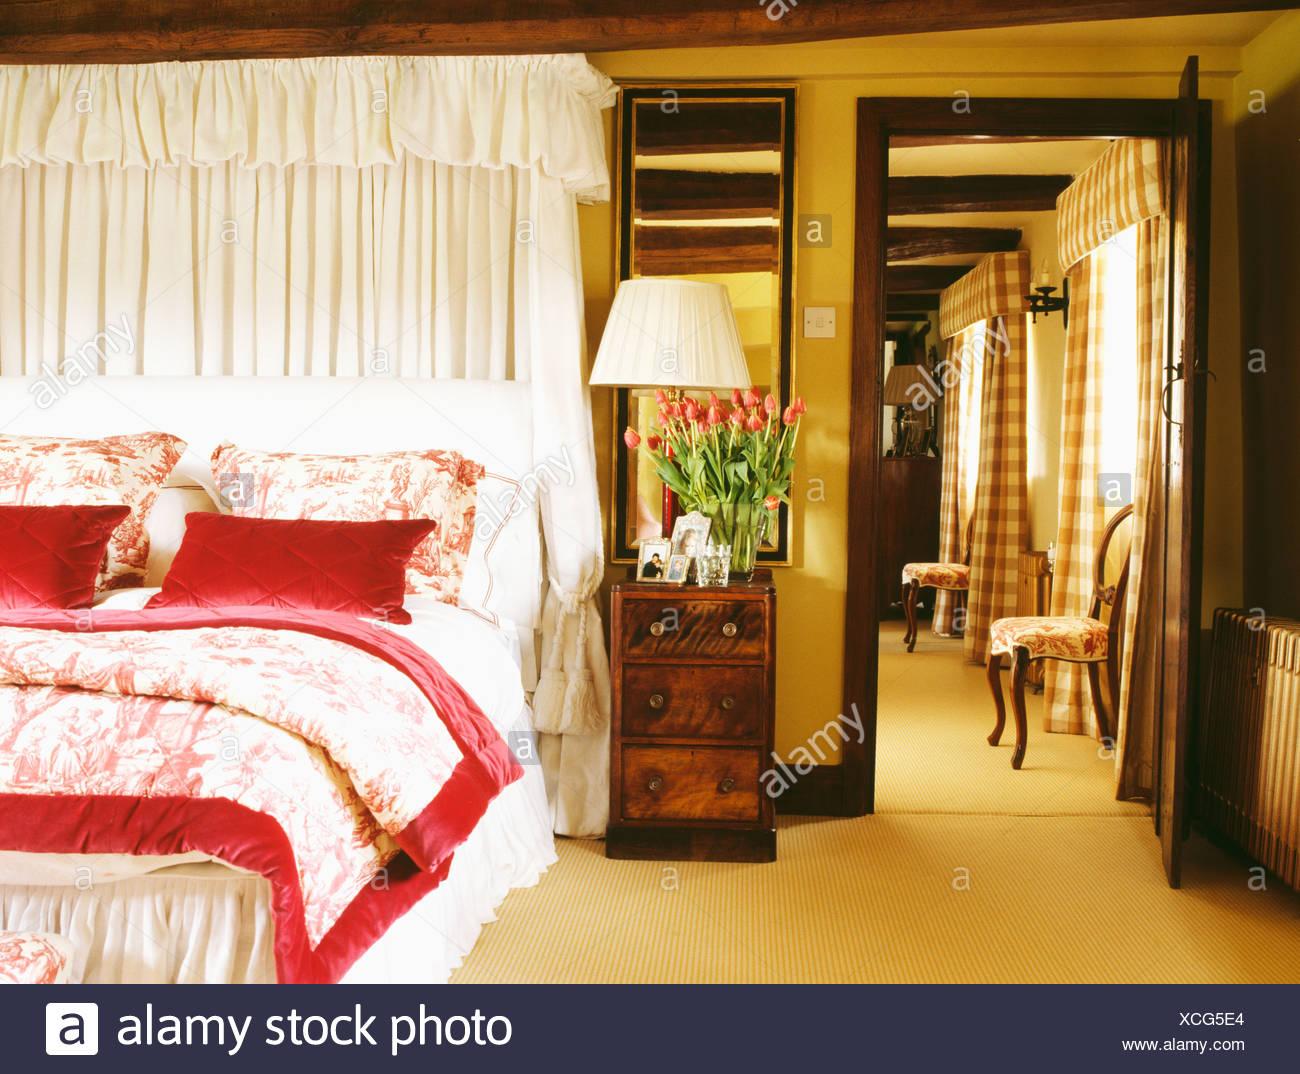 Camere Da Letto Rosse E Bianche : Drappi bianchi sopra il letto con toile de jouy e lenzuola di seta